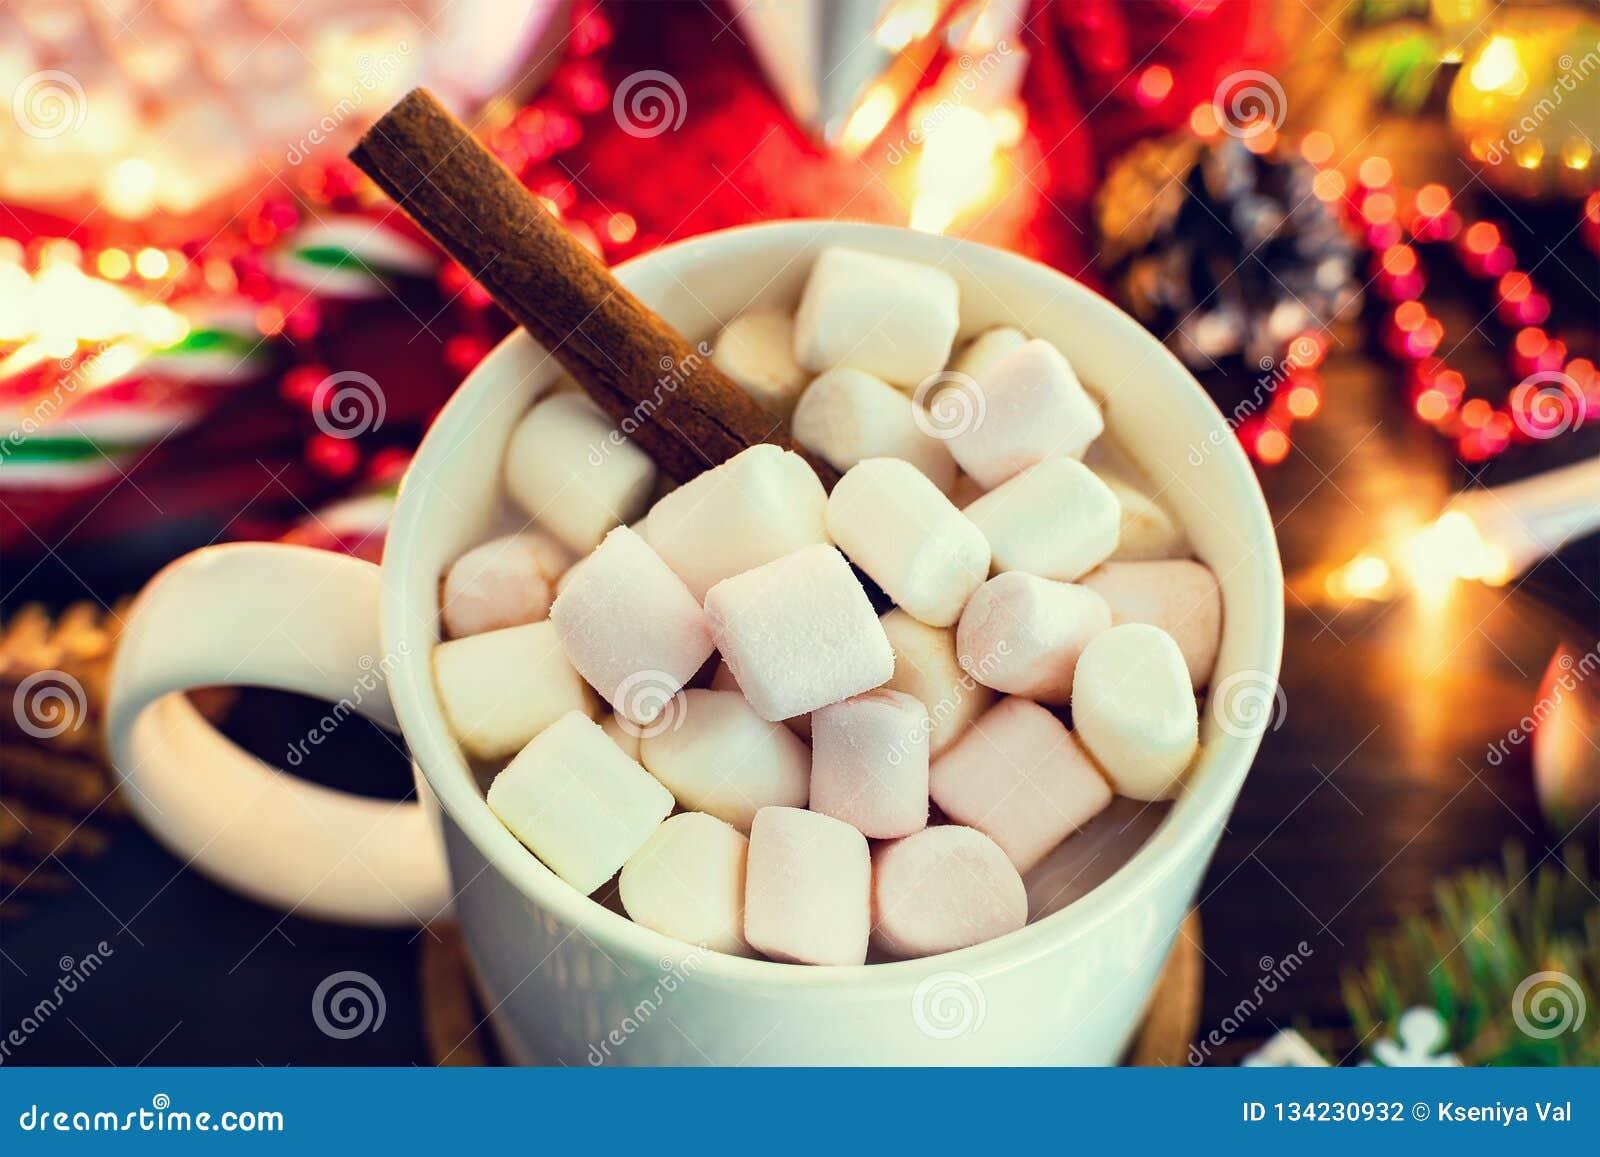 Bożenarodzeniowy nastrój - biały kubek kakao z marshmallows i cynamonowym kijem w górę, choinki gałąź z girlandą